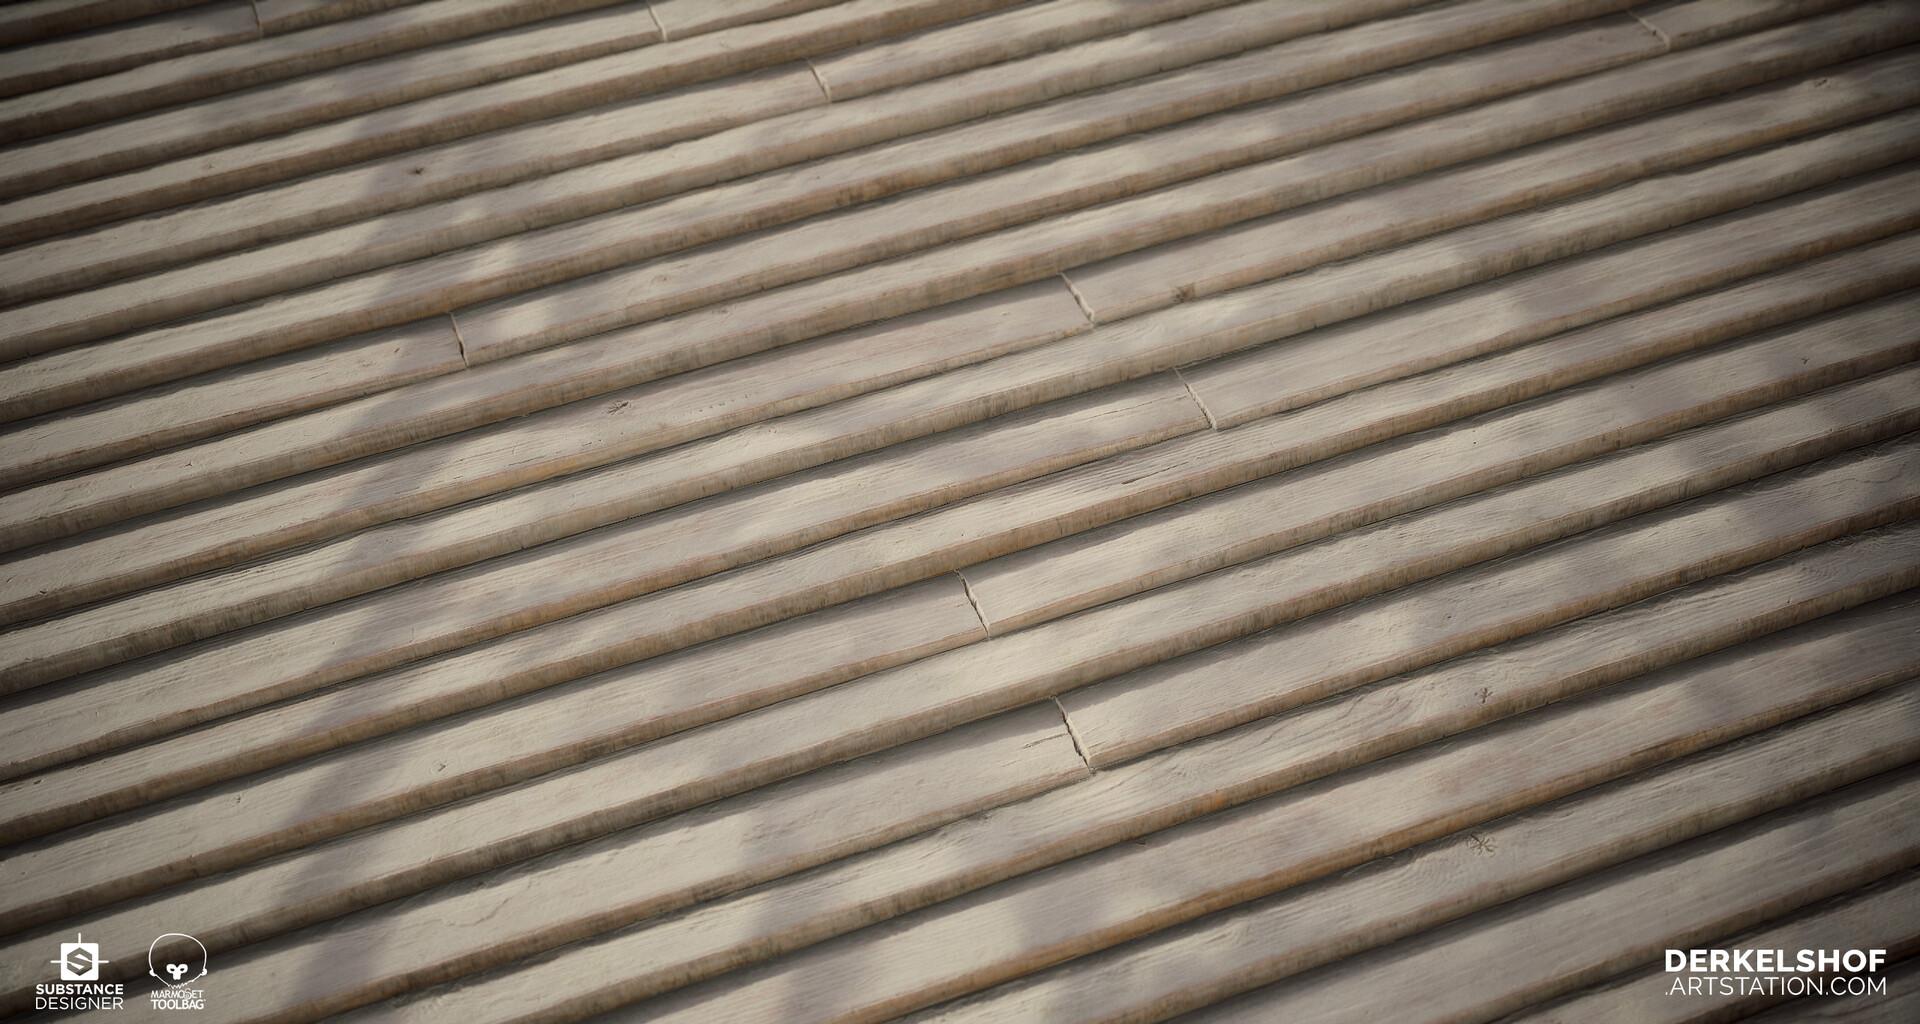 Derk elshof woodplanks 3